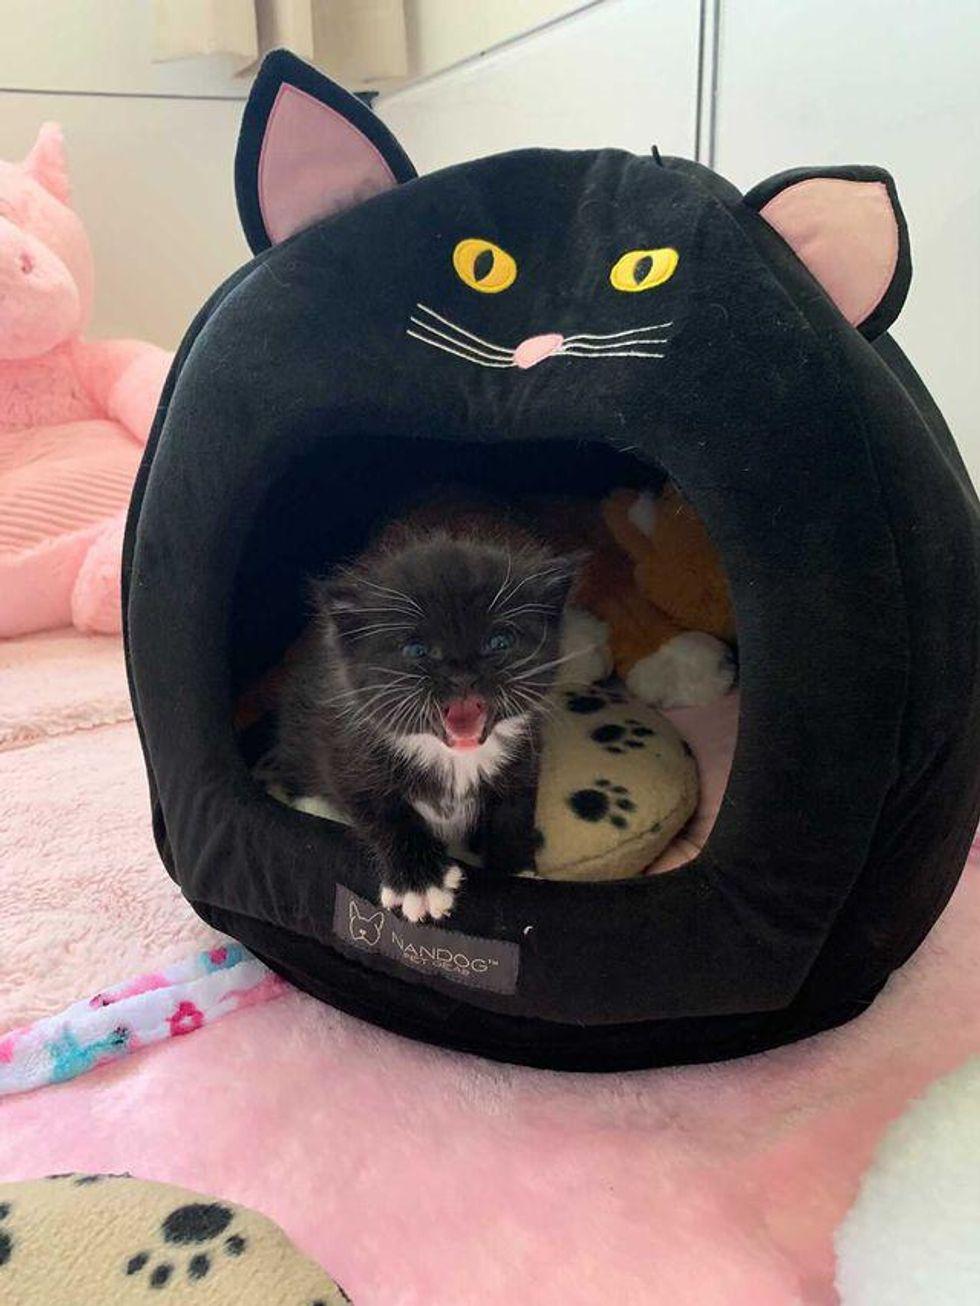 tuxedo kitten, talking cat, princess peep